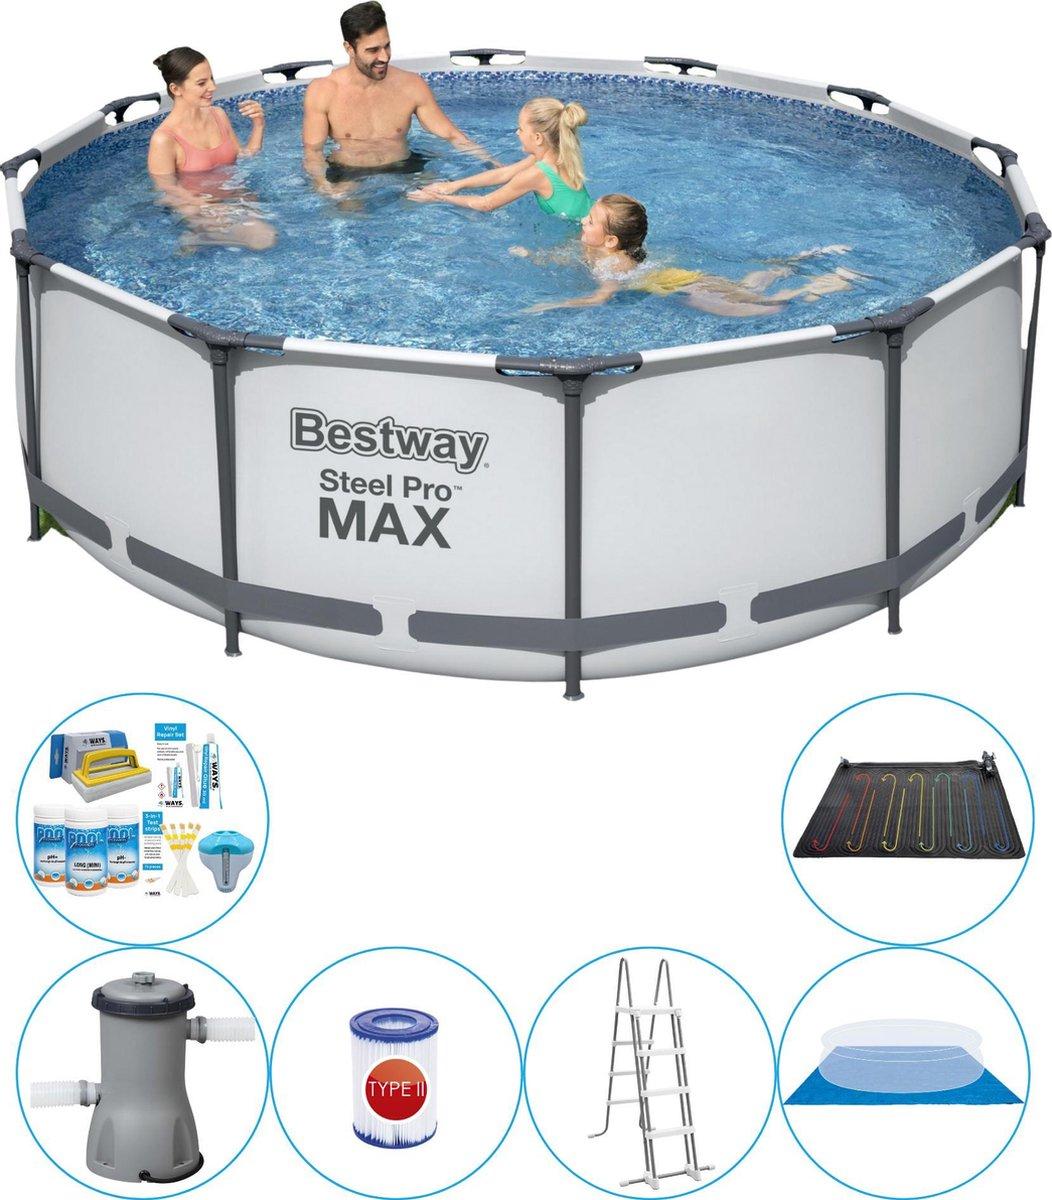 Bestway Steel Pro MAX Rond 366x100 cm - 7-delig - Zwembad Combi Deal